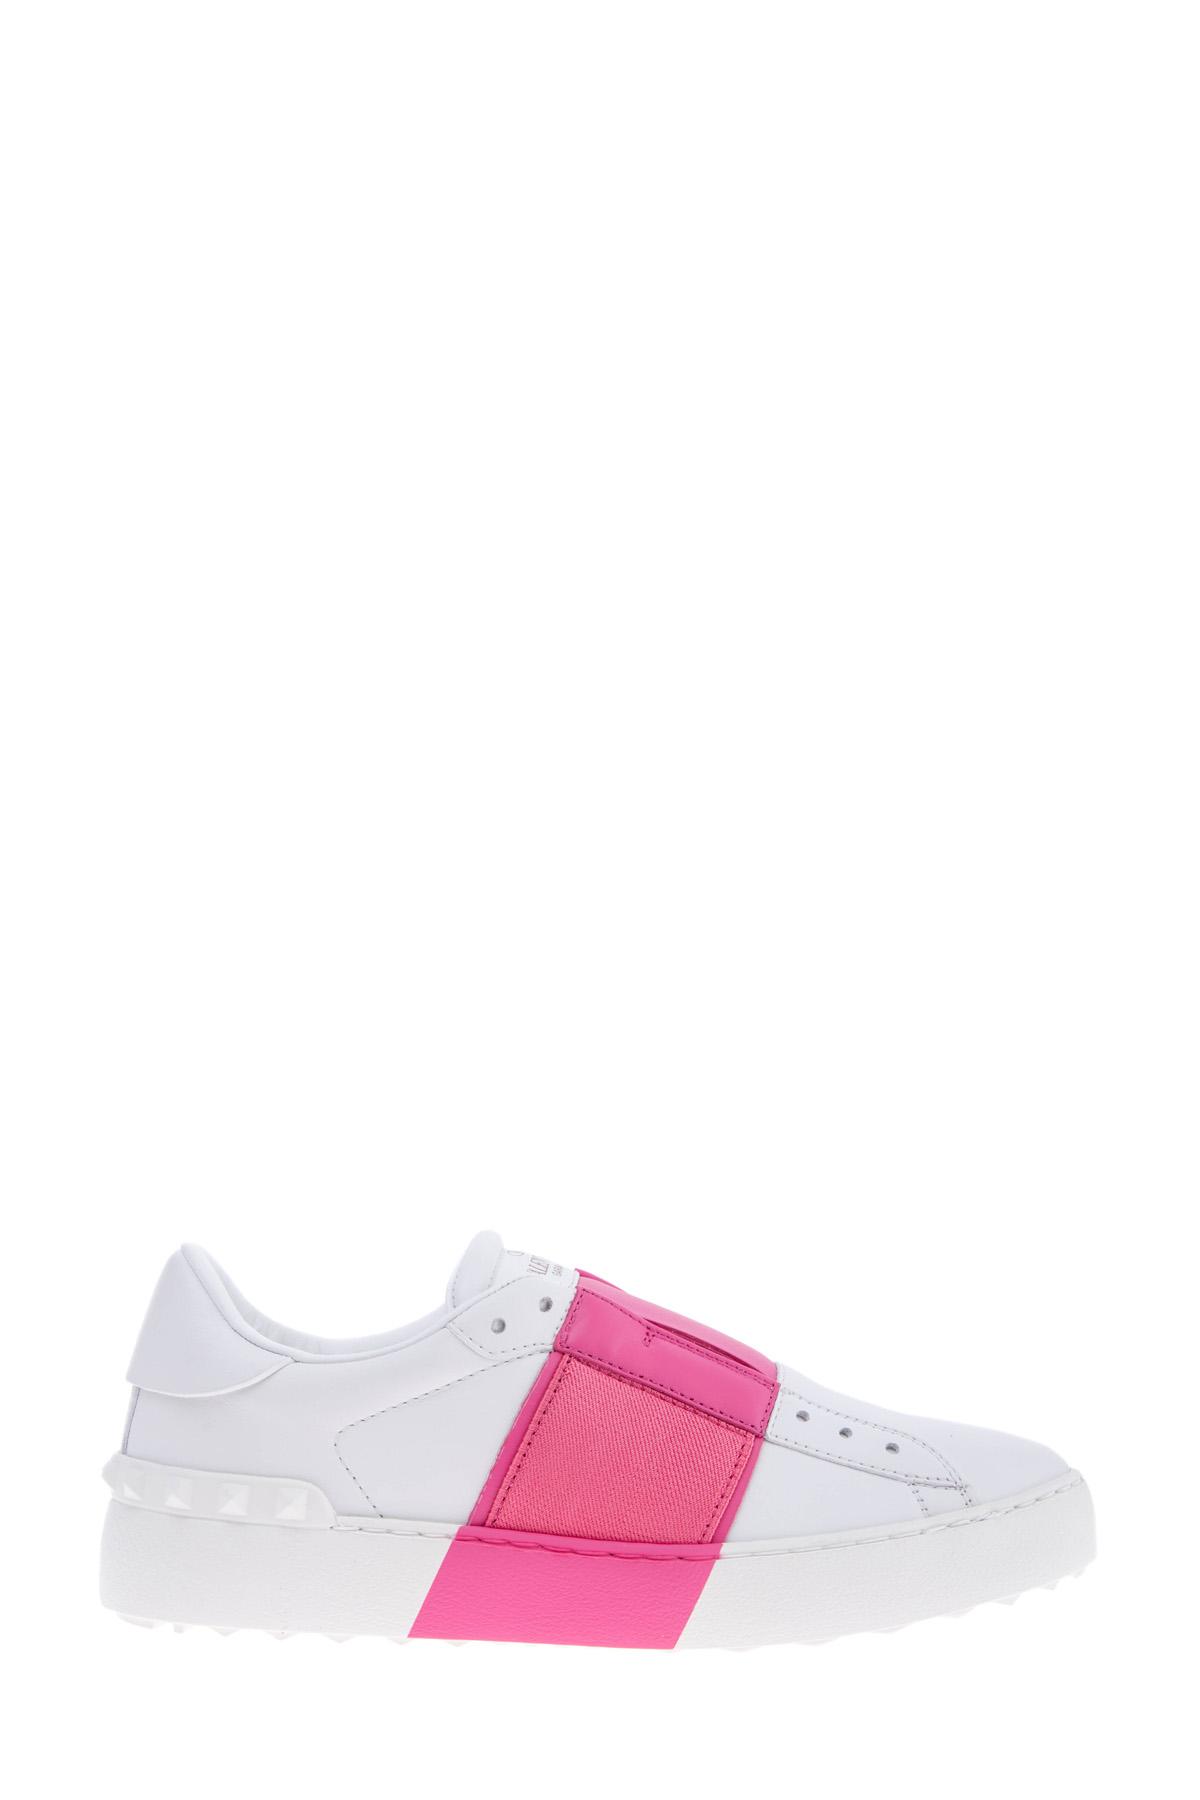 Бело-розовые кеды Open Tie-Up из кожи наппа с эластичной вставкой